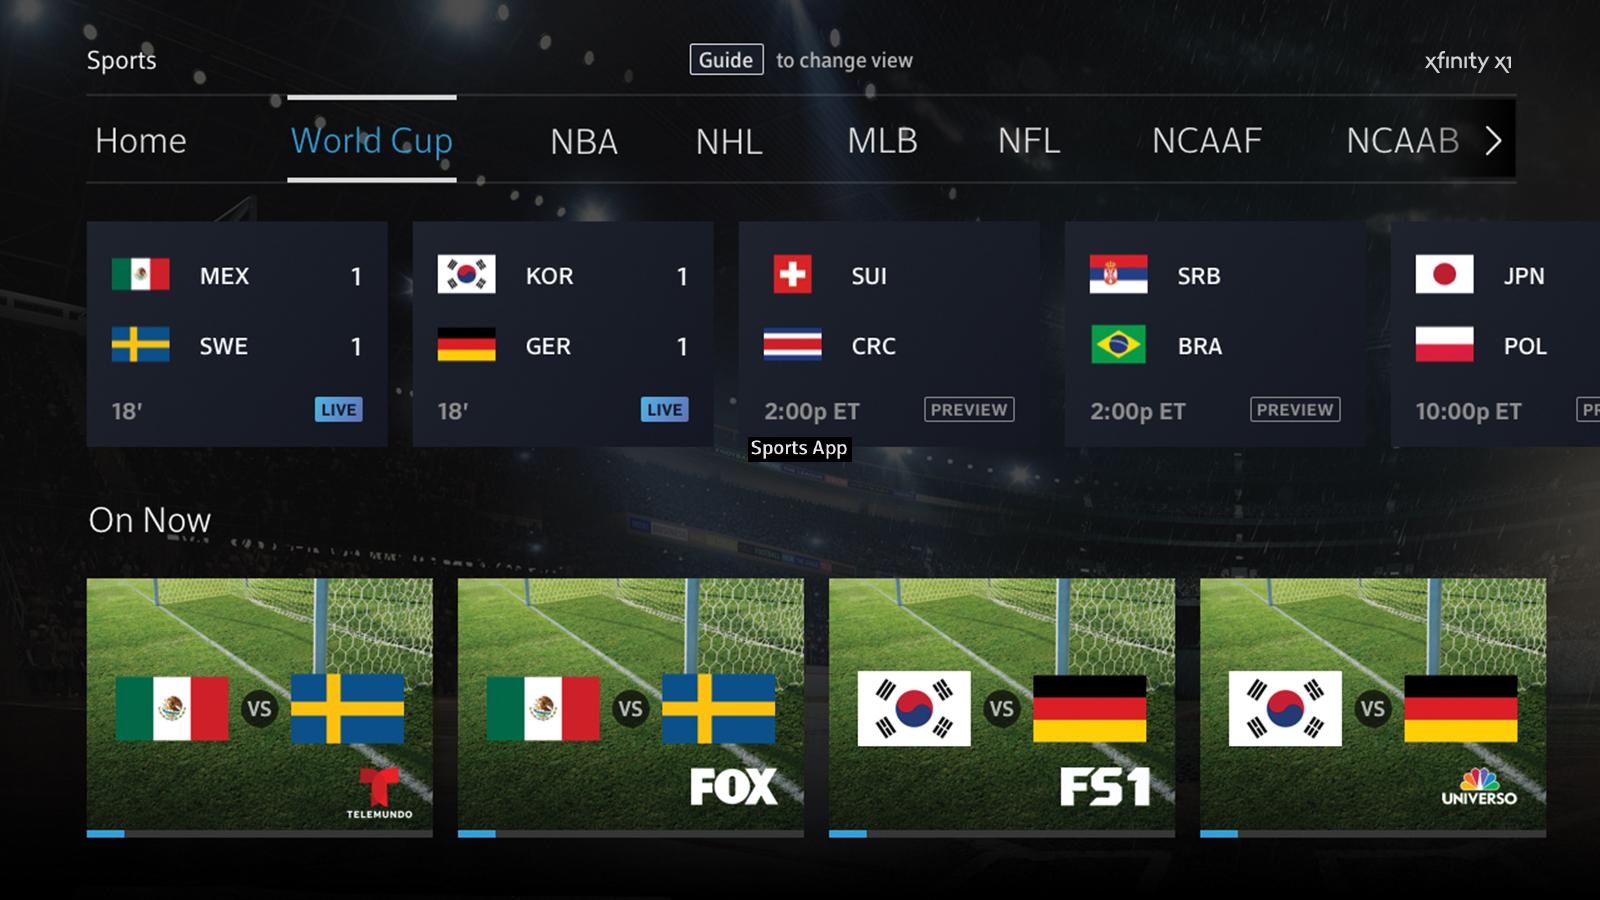 Creative_World Cup UI_Homepage_Full_16x9.jpg